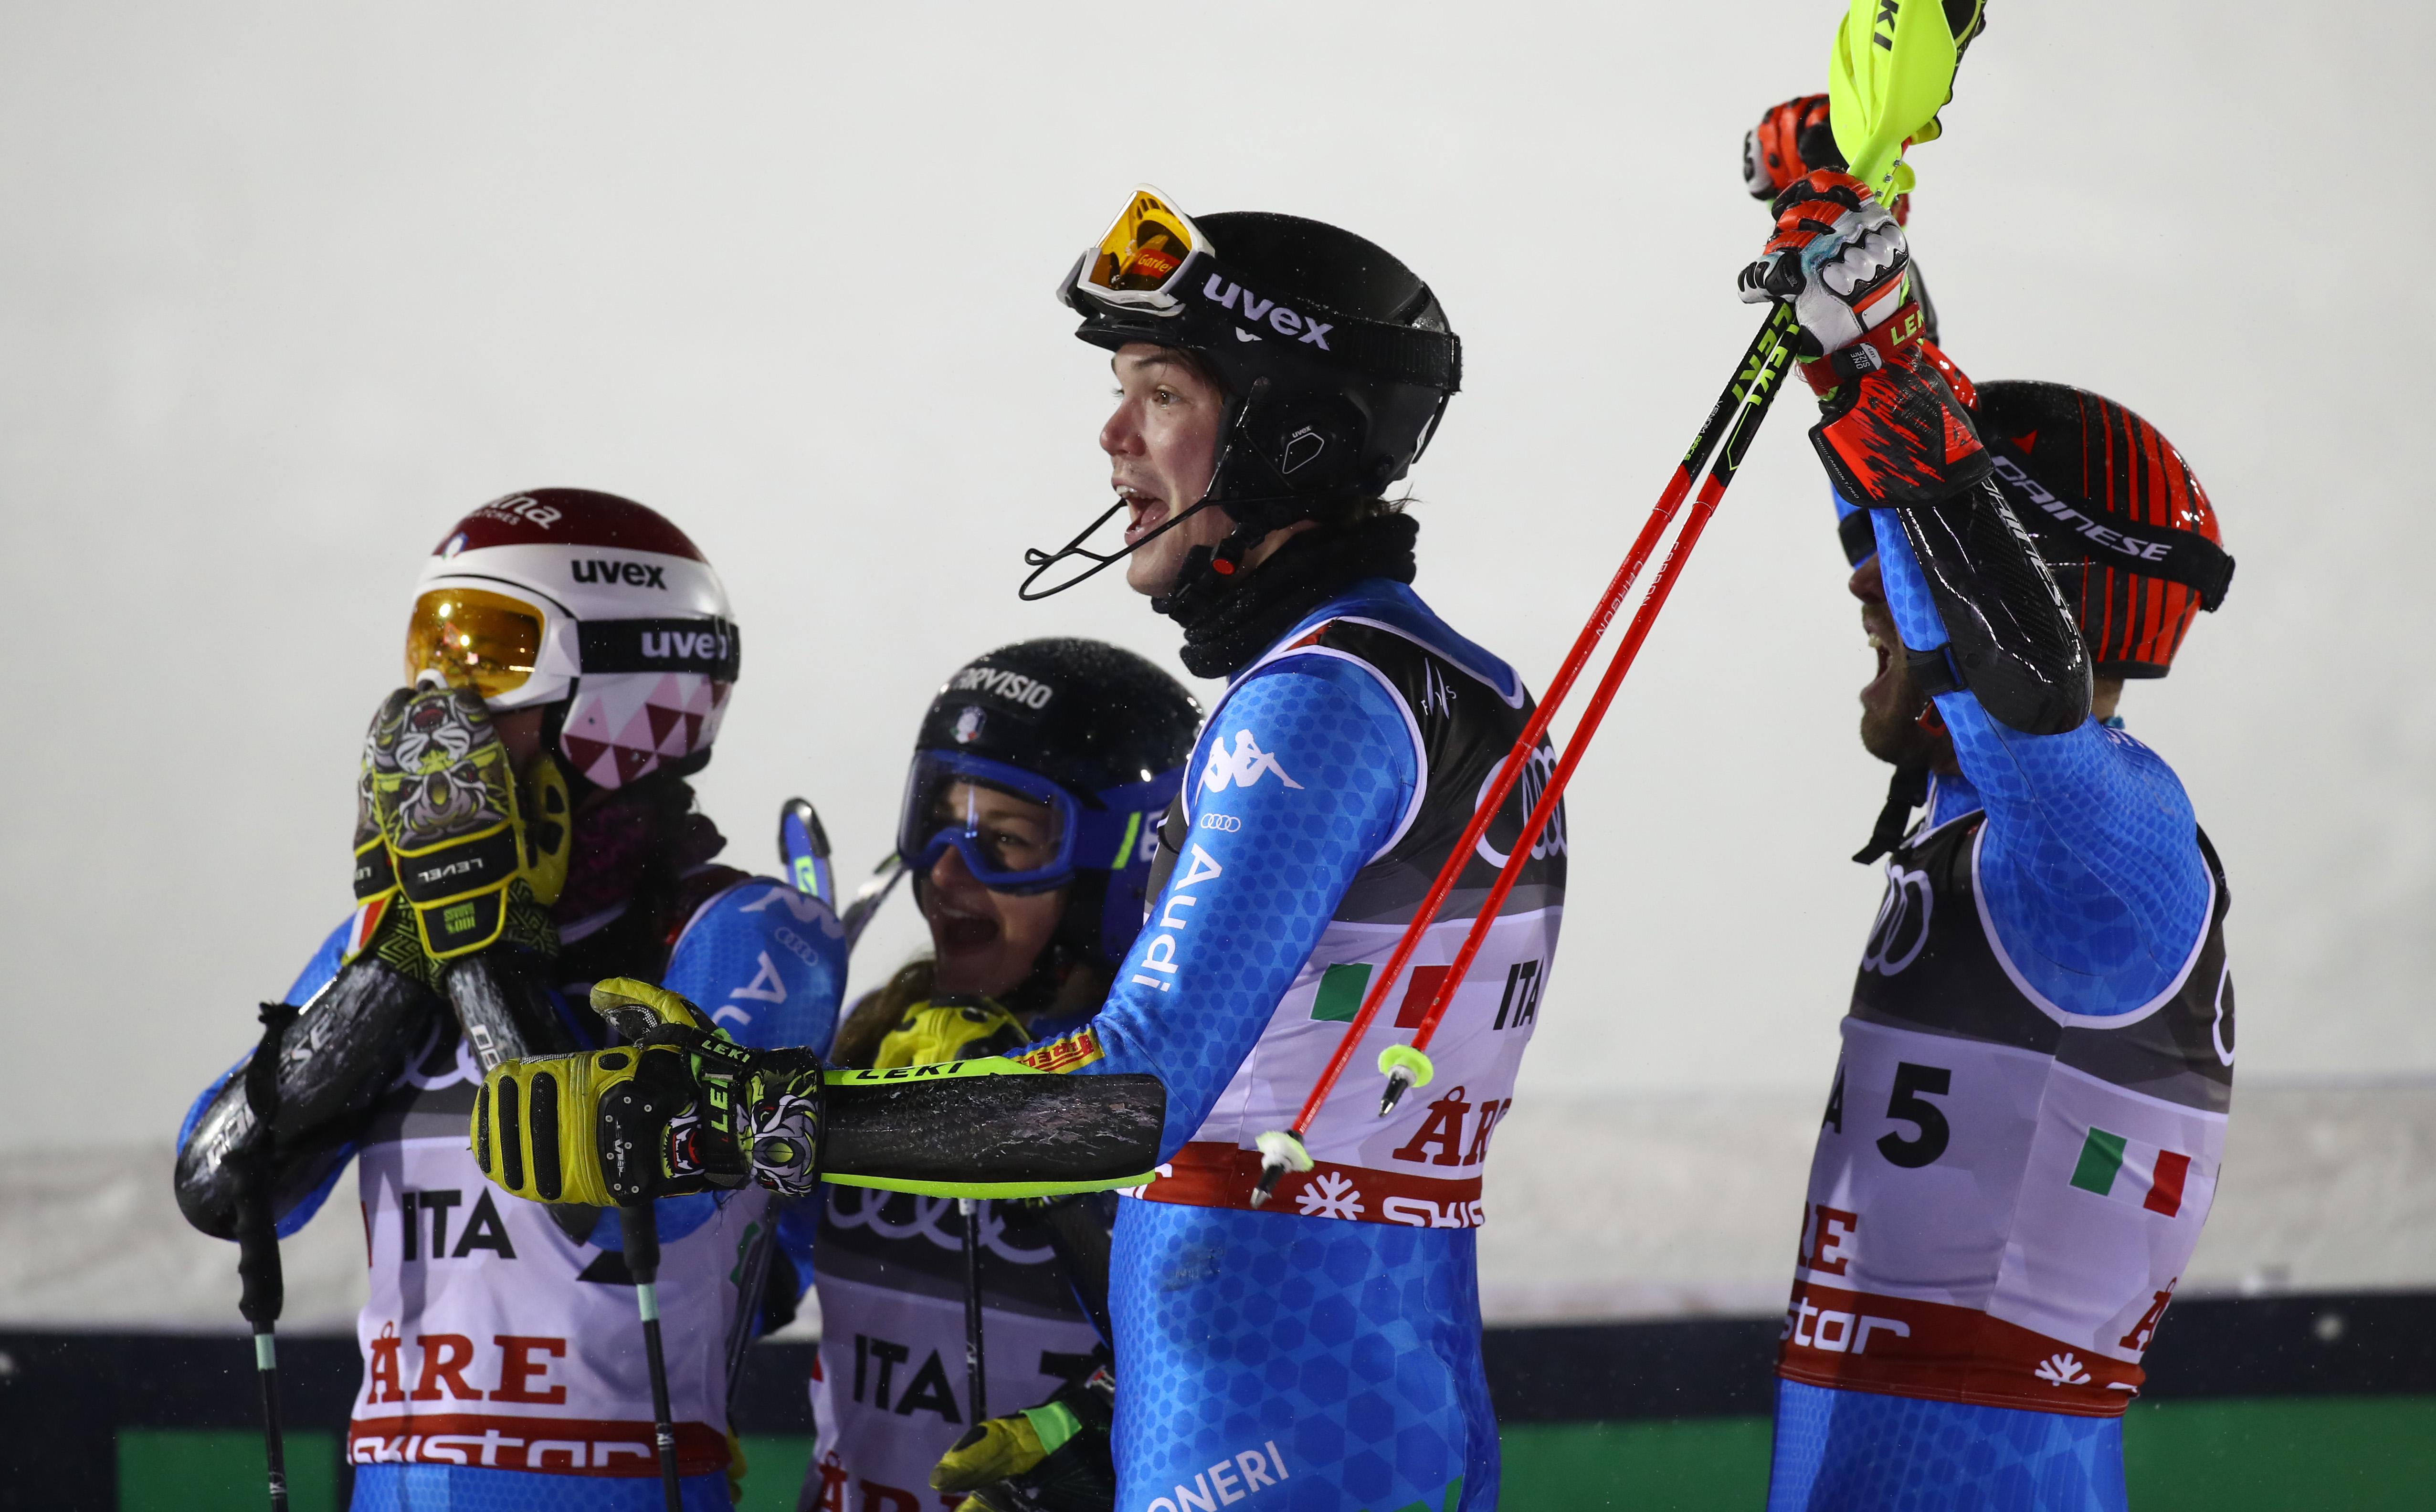 Ski World Championships ARE 2019 , Are, Sweden.12/2/2019.Team Italy bronze medalist in team eventCurtoni, Della Mea, Vinatzer, Maurberger. photo:Pentaphoto/Alessandro Trovati.